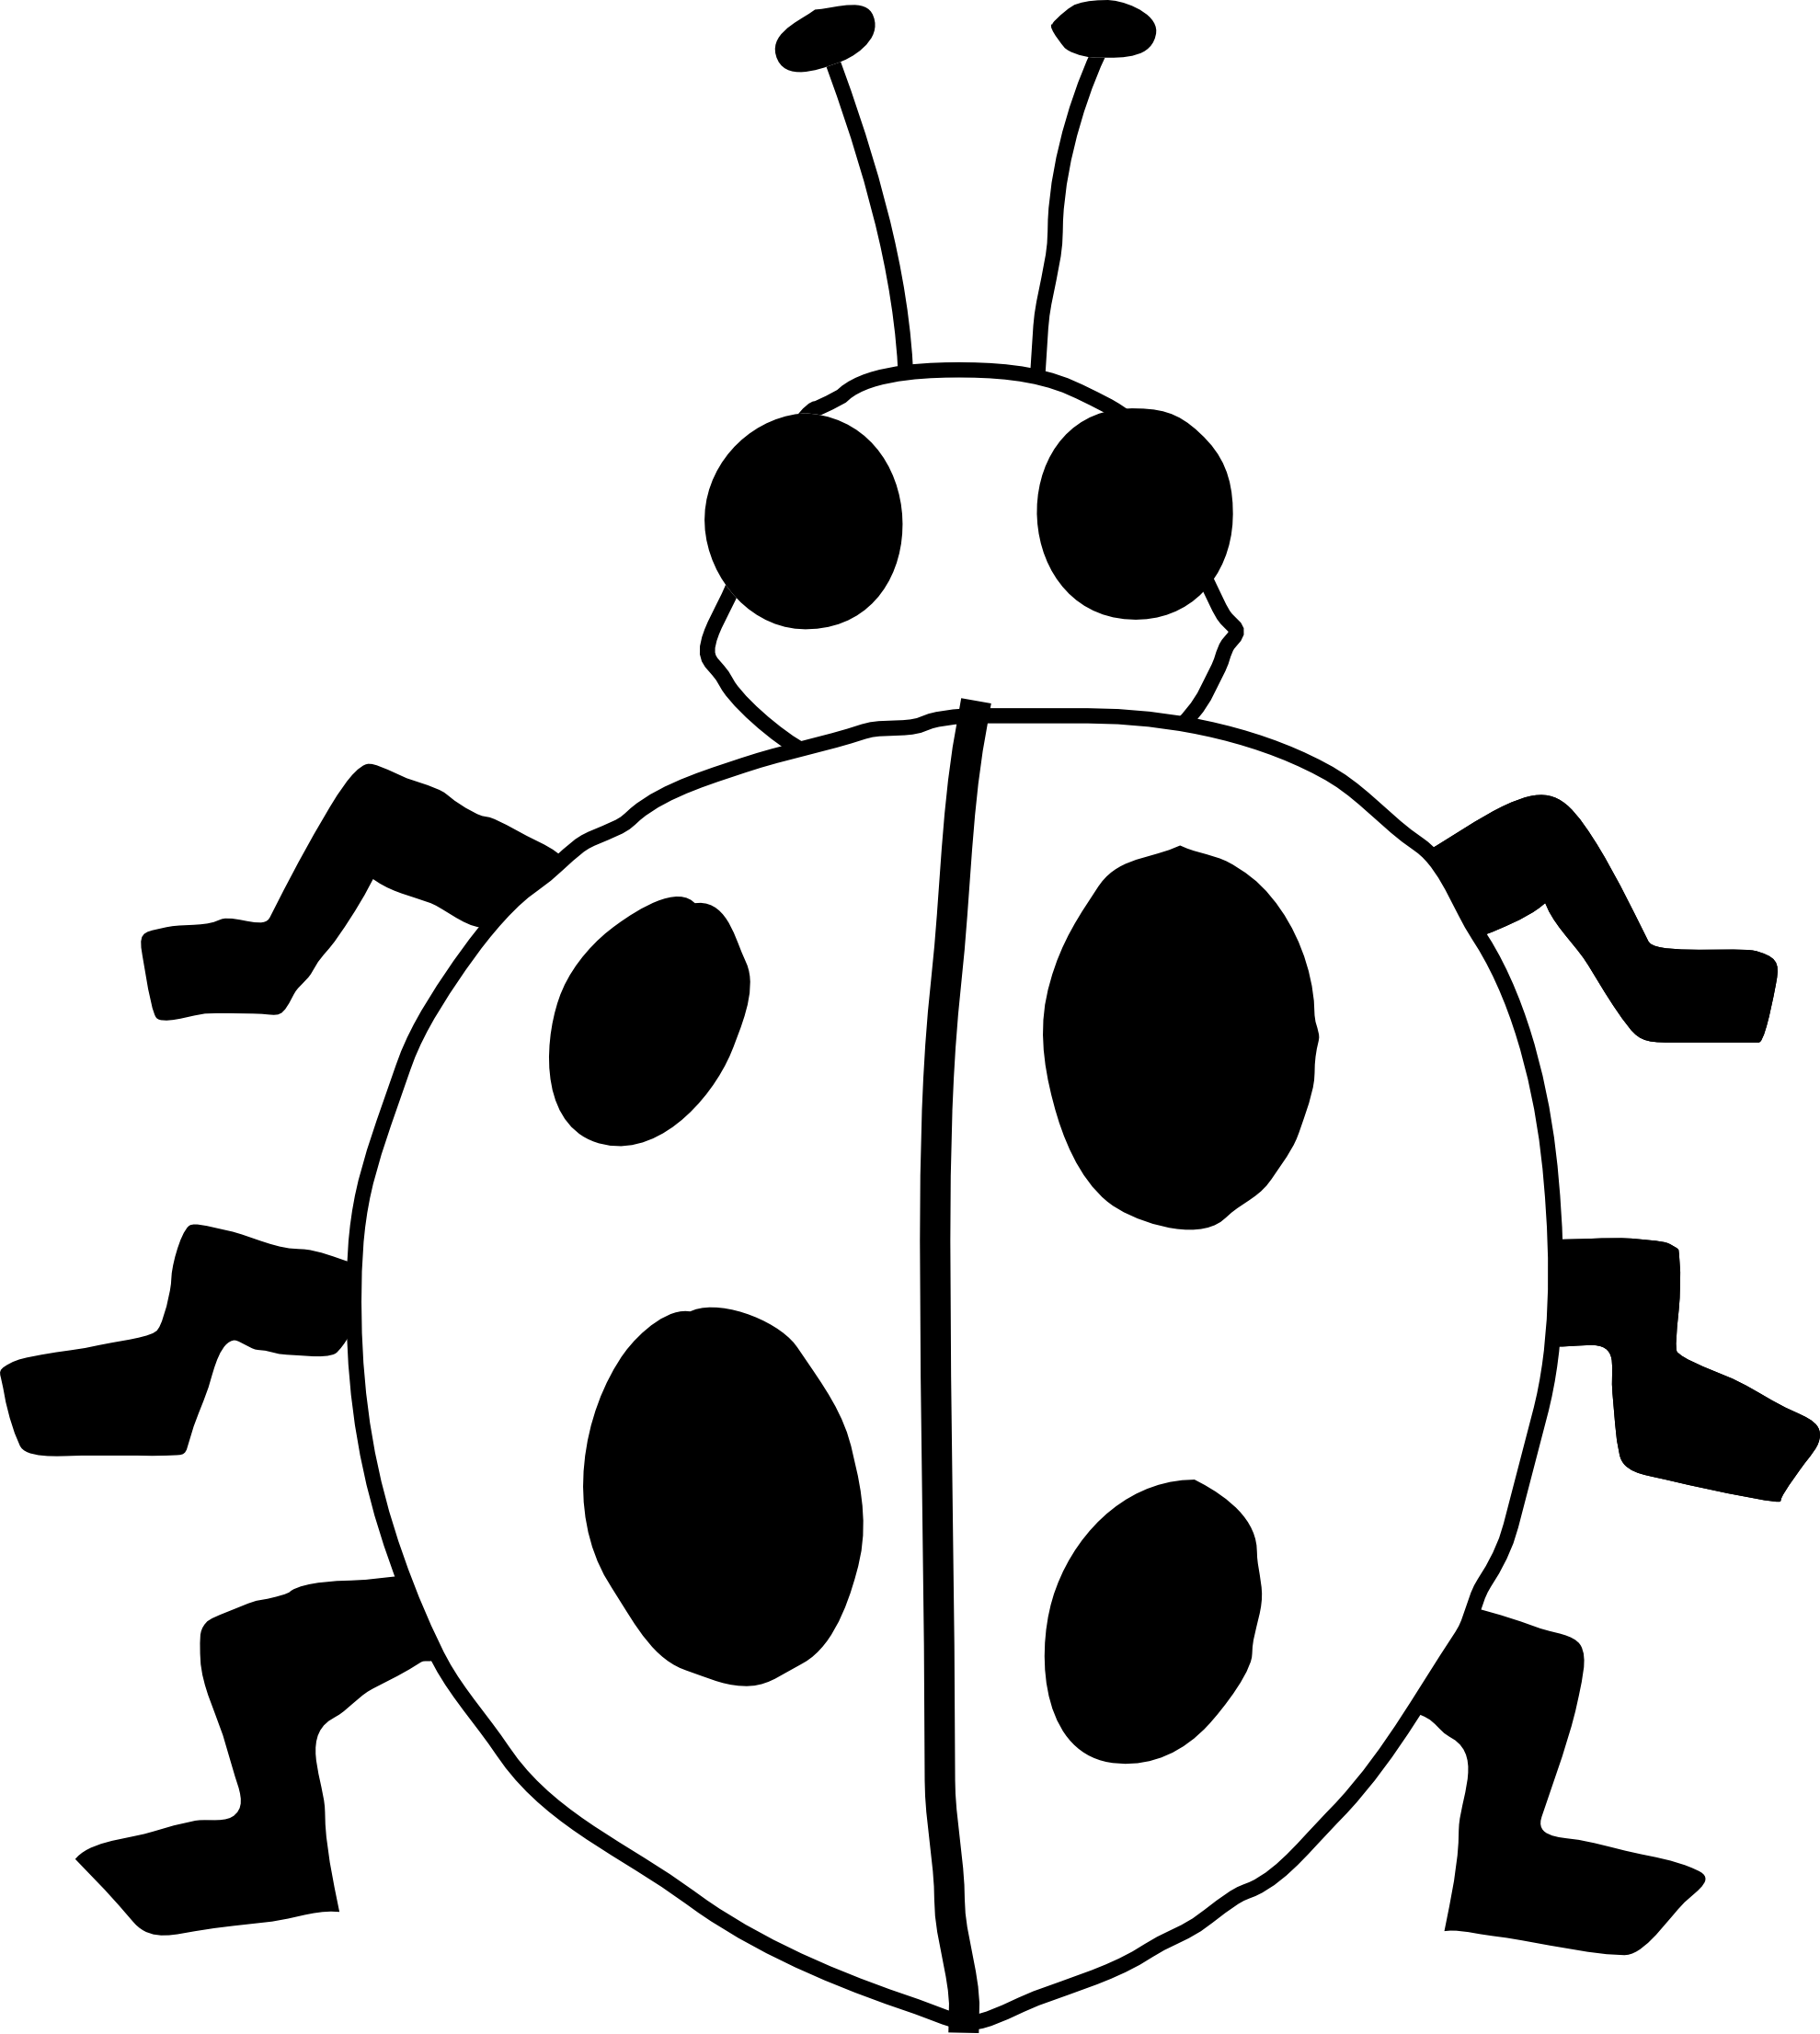 Nutrition clipart black and white. Ladybug panda free images